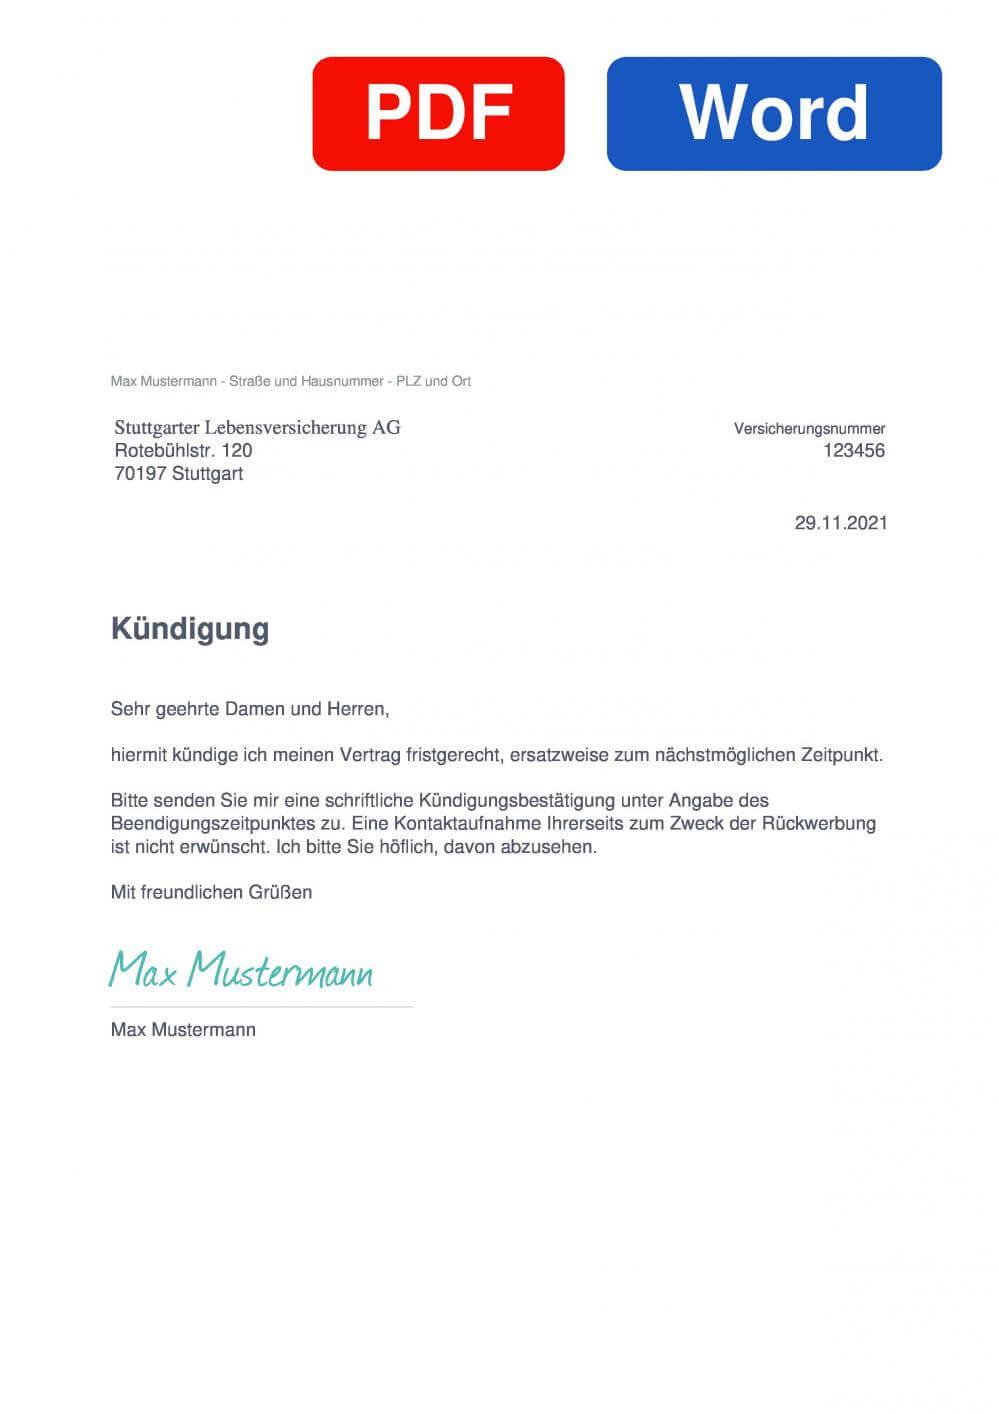 Die Stuttgarter Muster Vorlage für Kündigungsschreiben